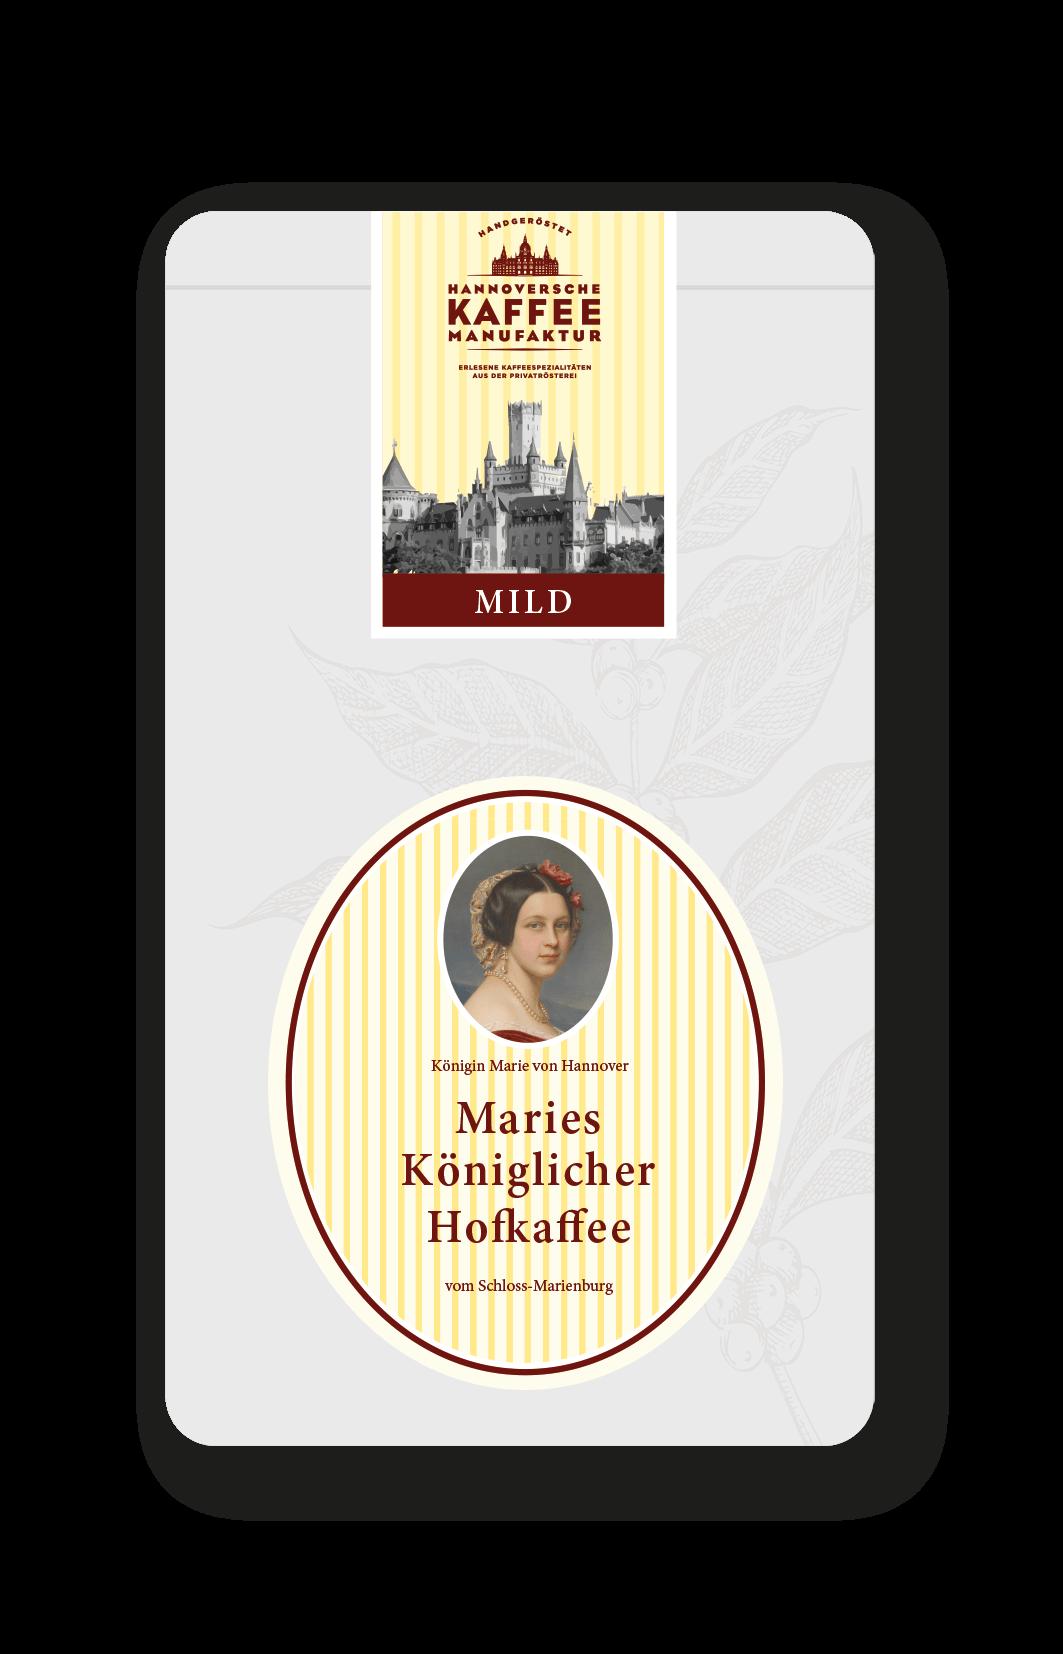 Maries Königlicher Hofkaffee